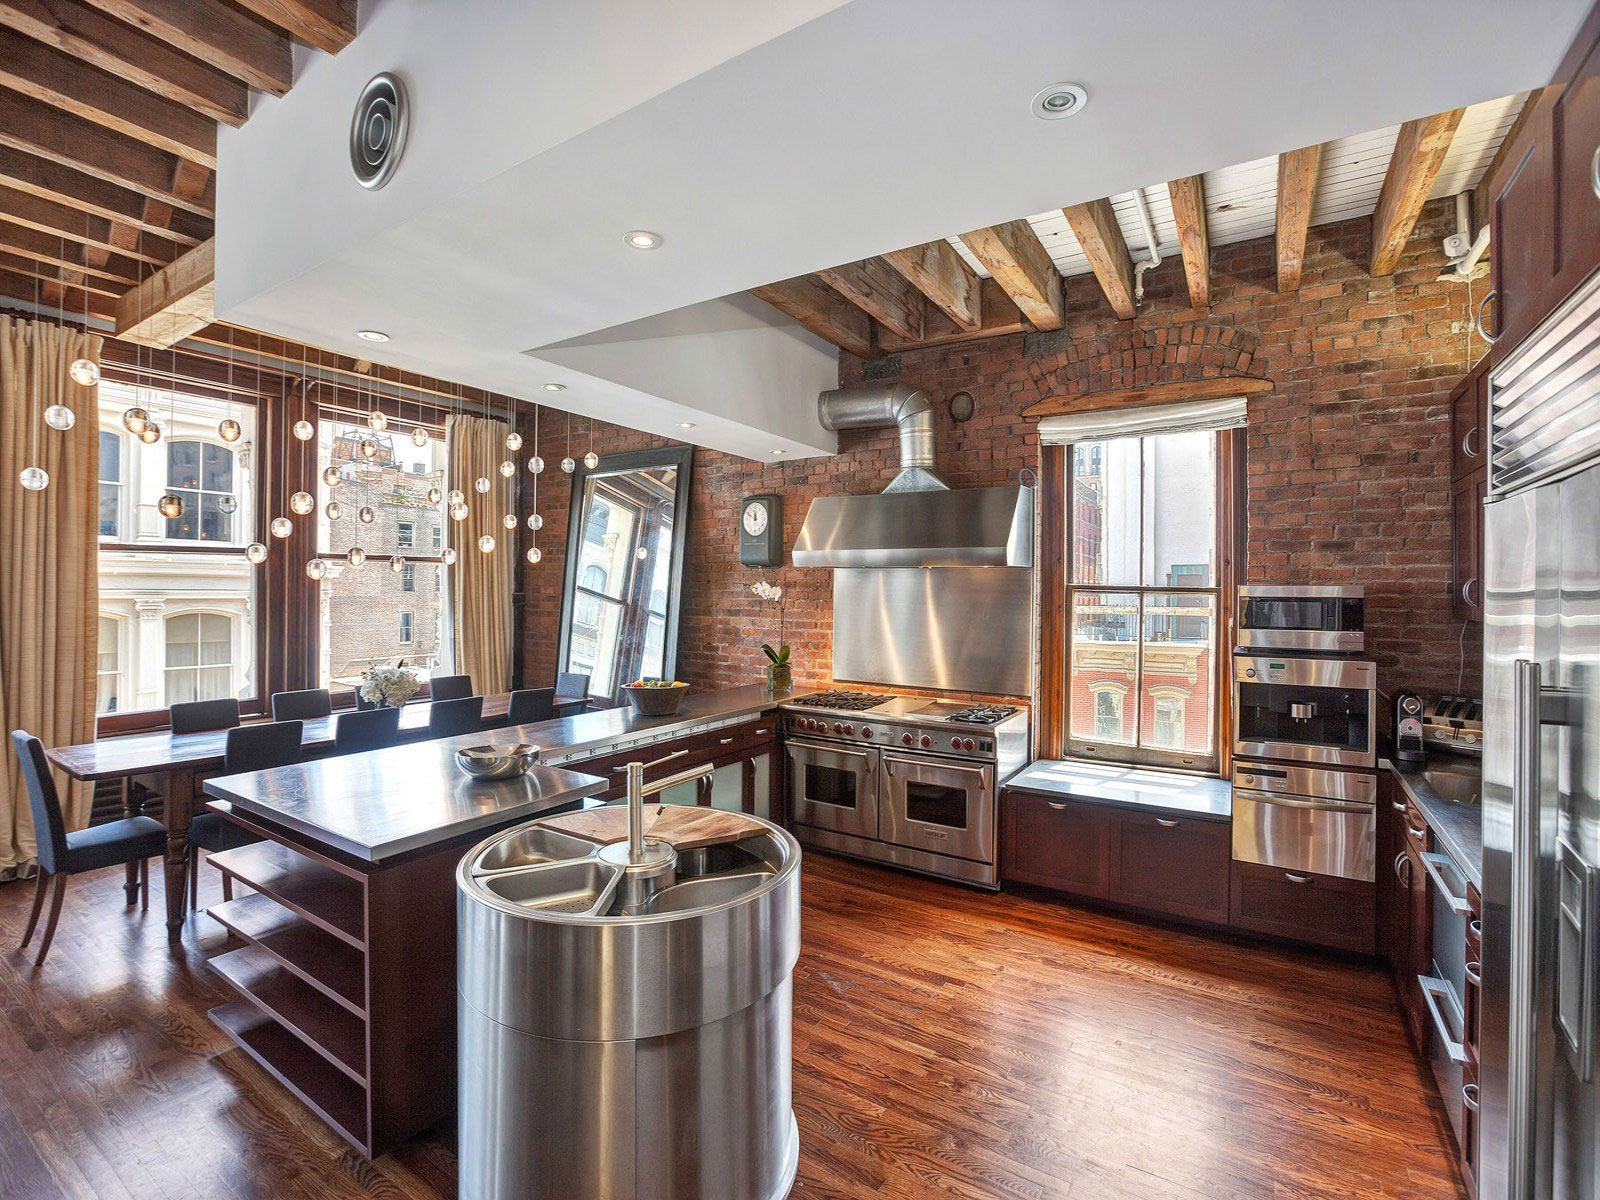 åbent plan-lejlighed-eksponerede-bjælker-jern-søjler-4-køkken